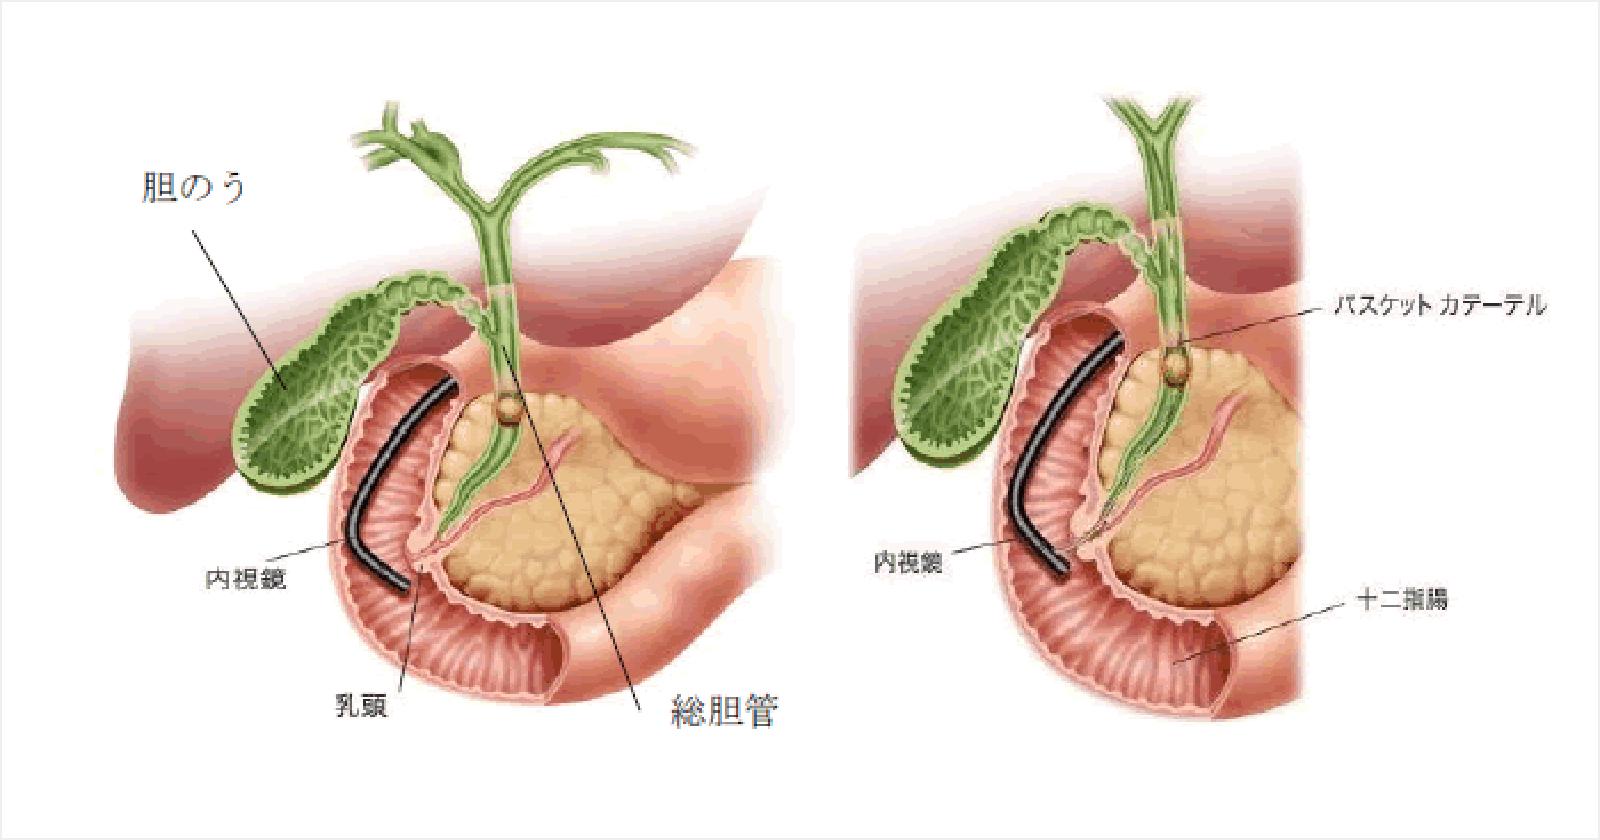 内視鏡的乳頭切開術(EST)・内視鏡的乳頭拡張術(EPBD)・内視鏡的結石除去術